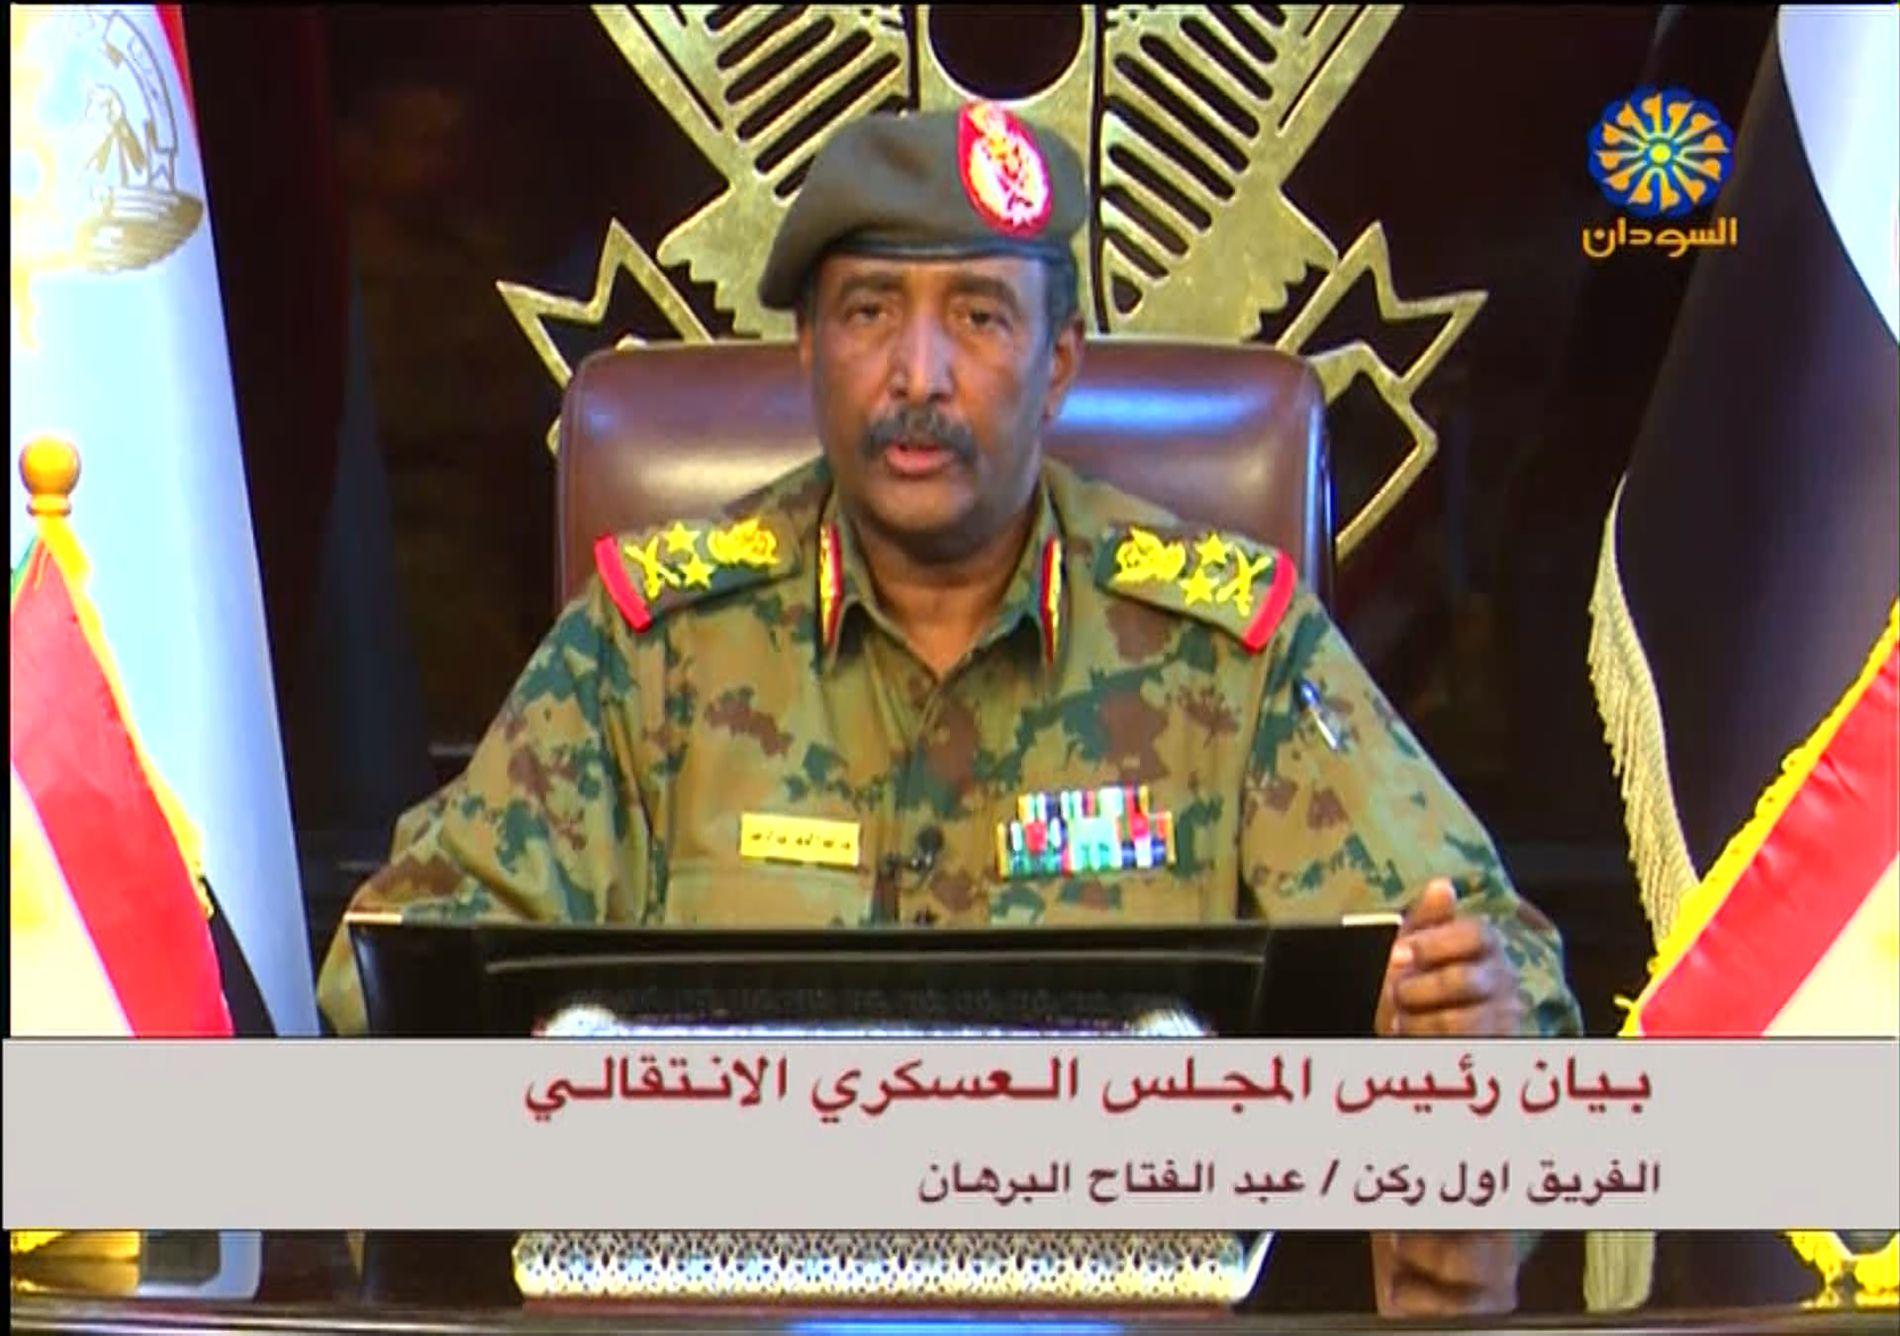 GENERAL: Abdel Fatah al-Burhan leder militærrådet i Sudan som blir støttet av Gulf-landene, Saudi-Arabia, De forente arabiske emiratene og Egypt. Målsettingen er å knekke demokratibevegelsen i Khartoum.